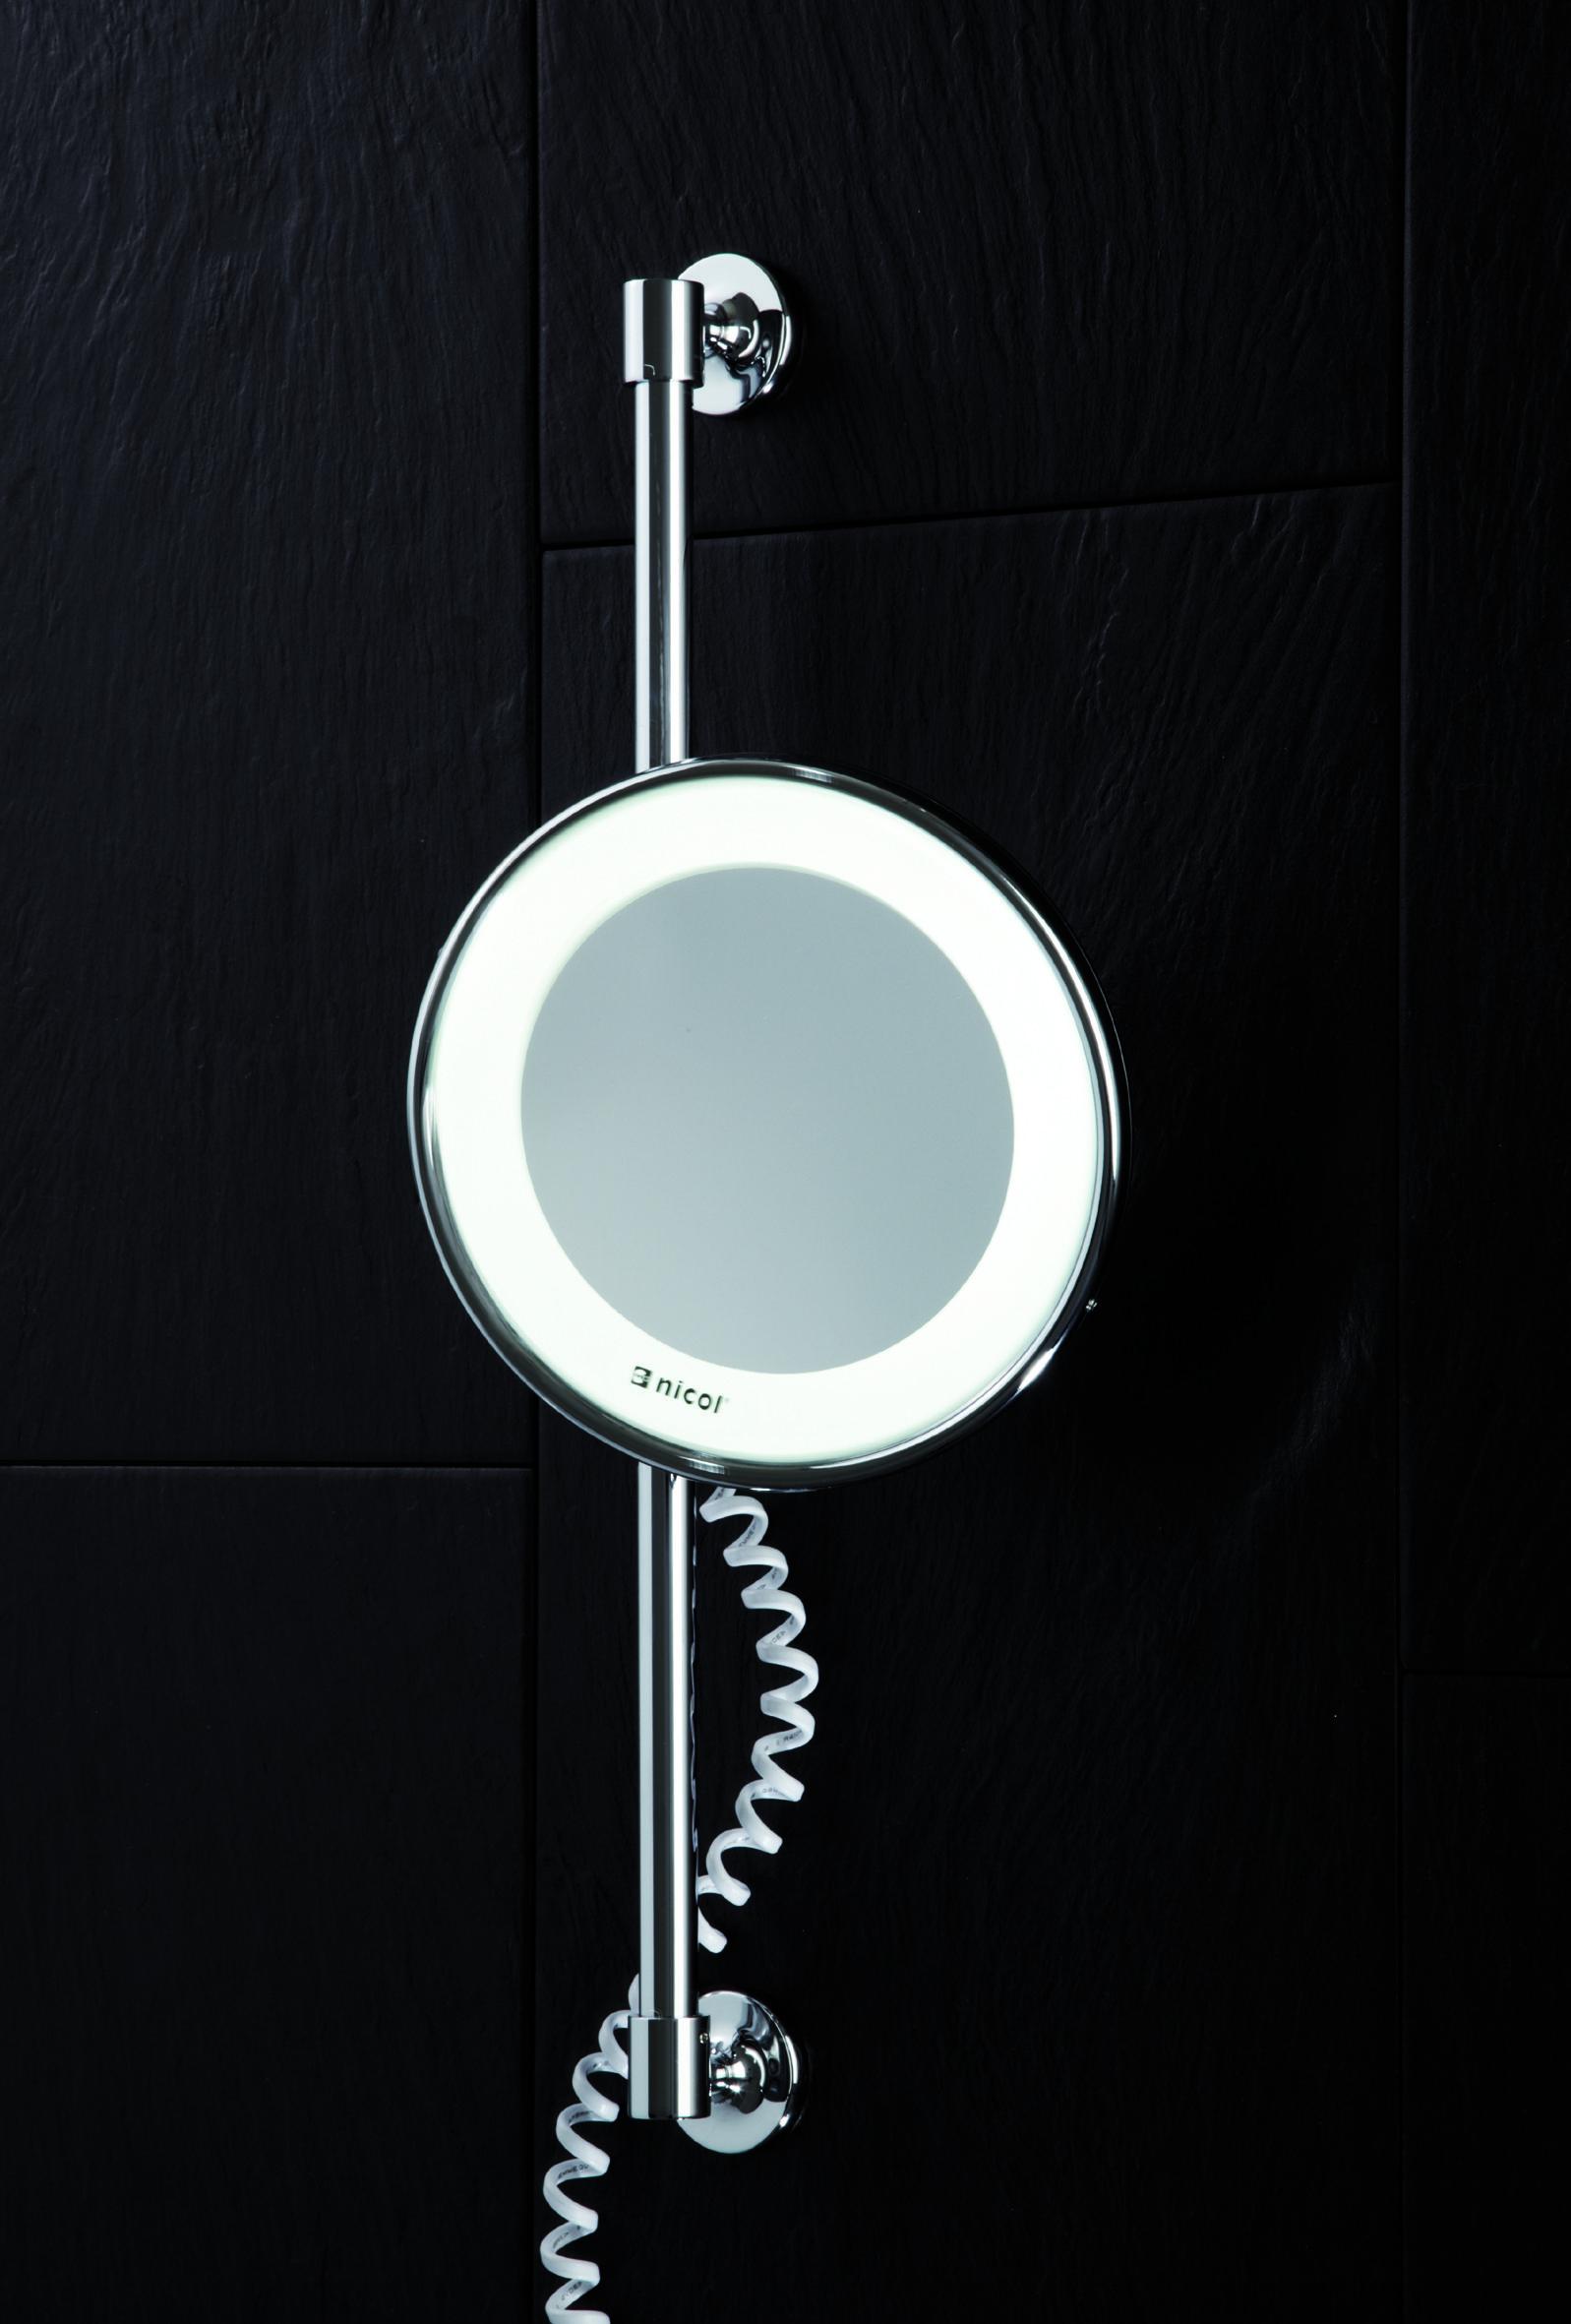 Kosmetikspiegel Beleuchtet Fur Die Wand Schminkspiegel Mit Tageslicht Beleuchtung Und Schminkspiegel Beleuchtet Kosmetikspiegel Mit Beleuchtung Schminkspiegel